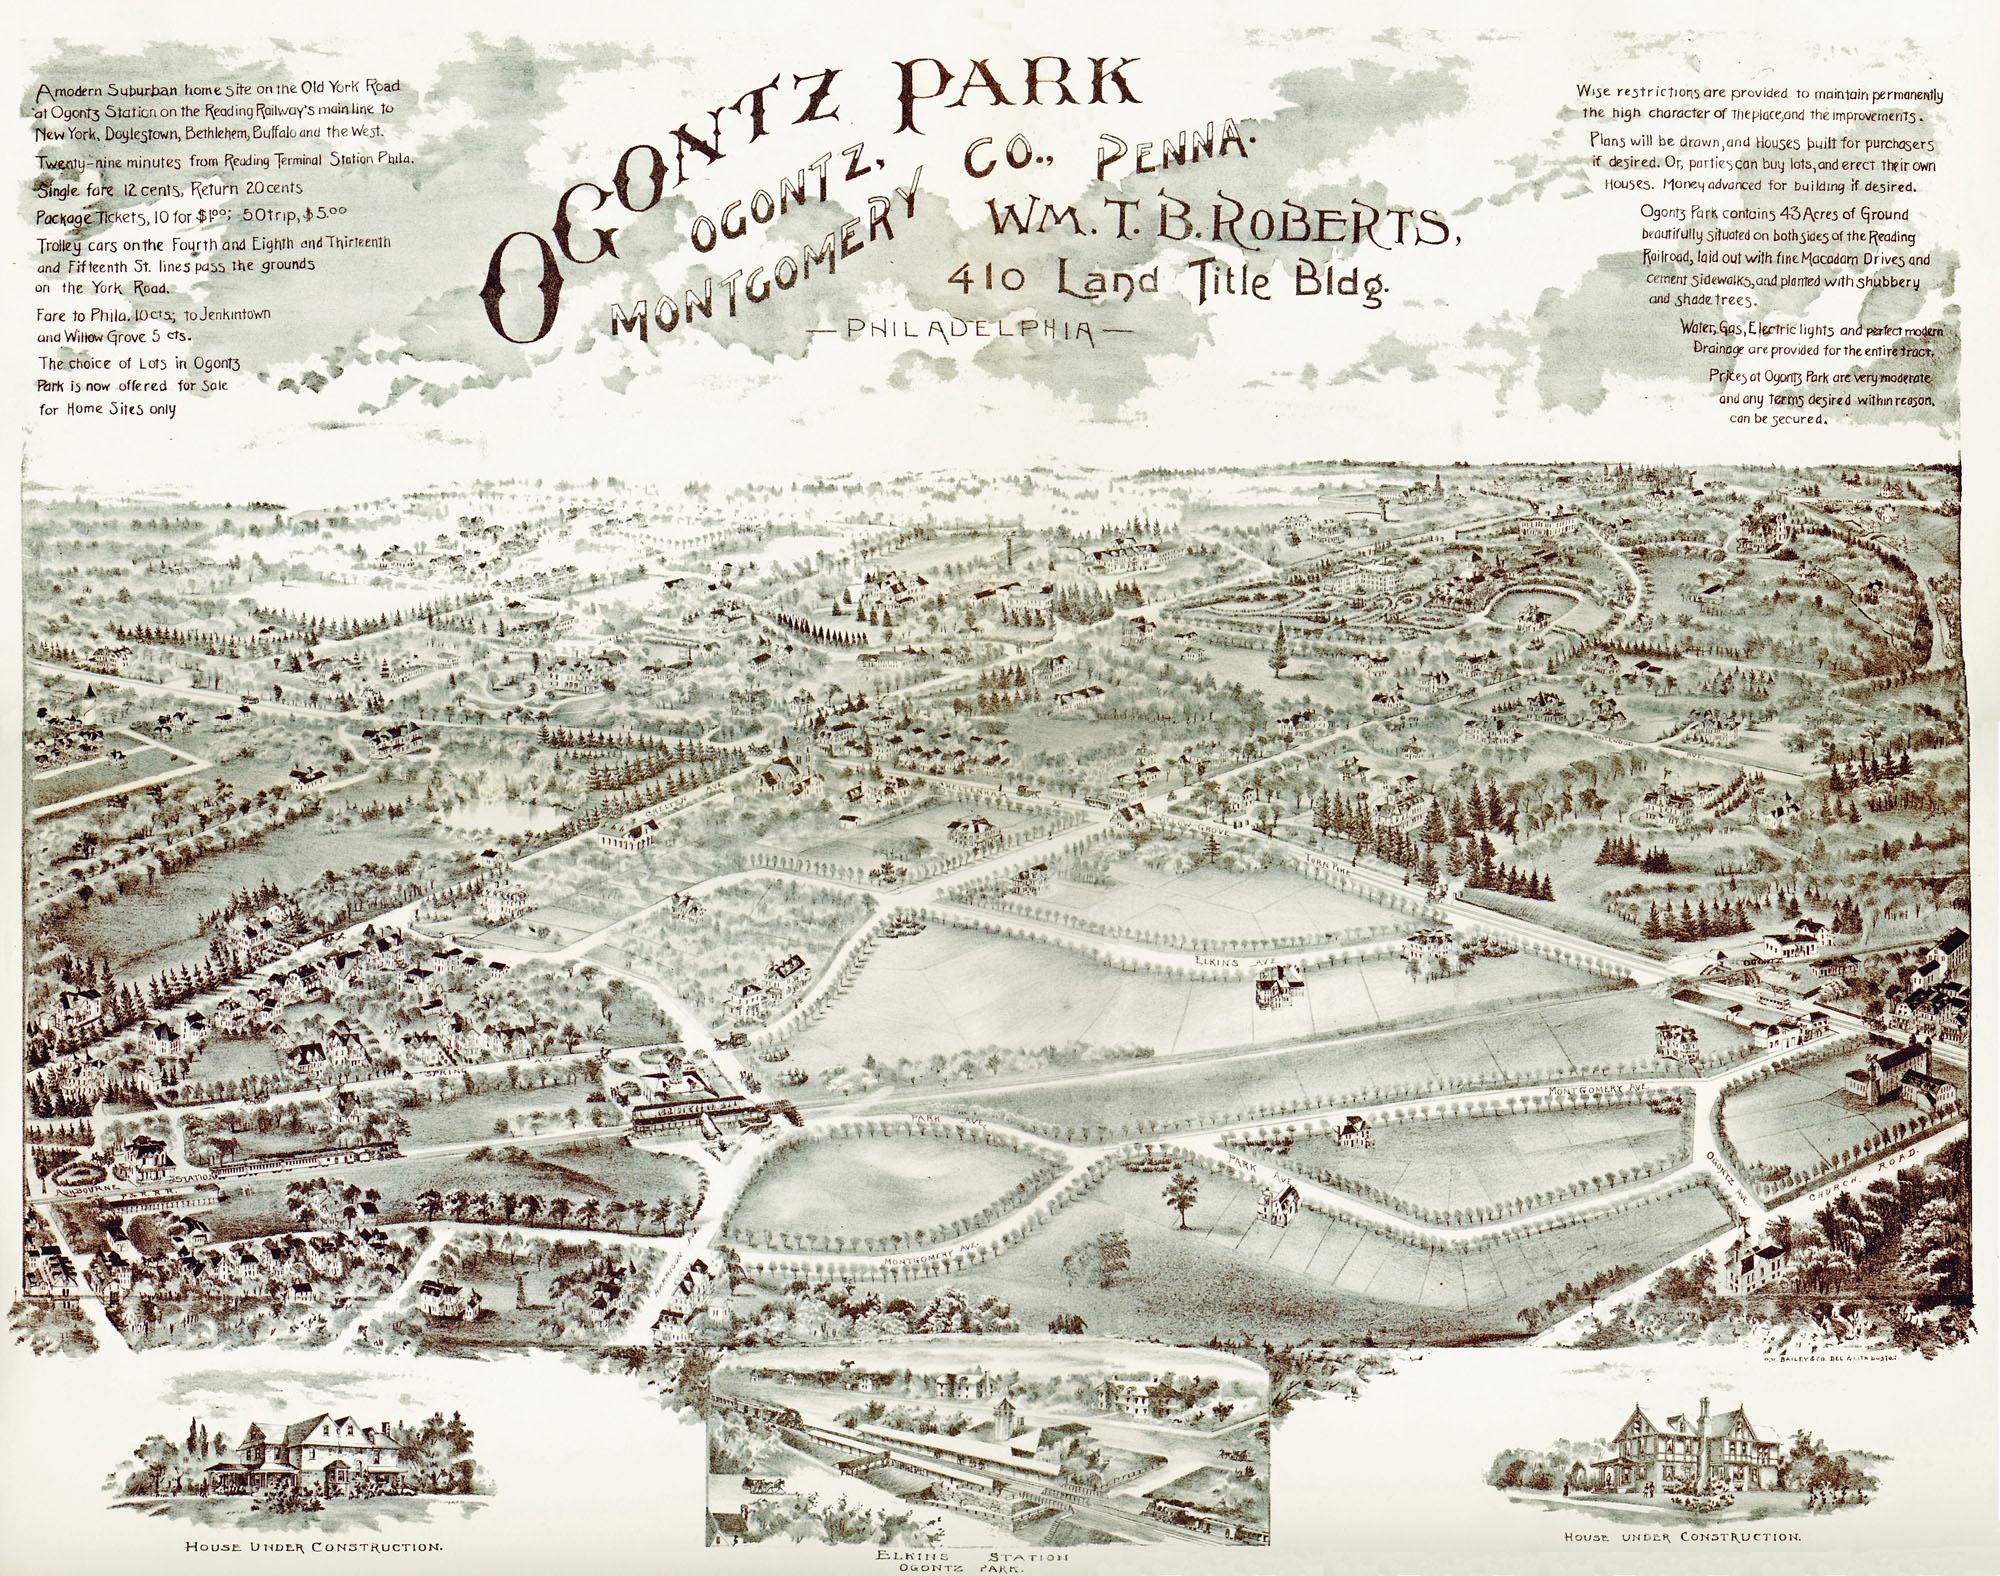 Ogontz developer's map